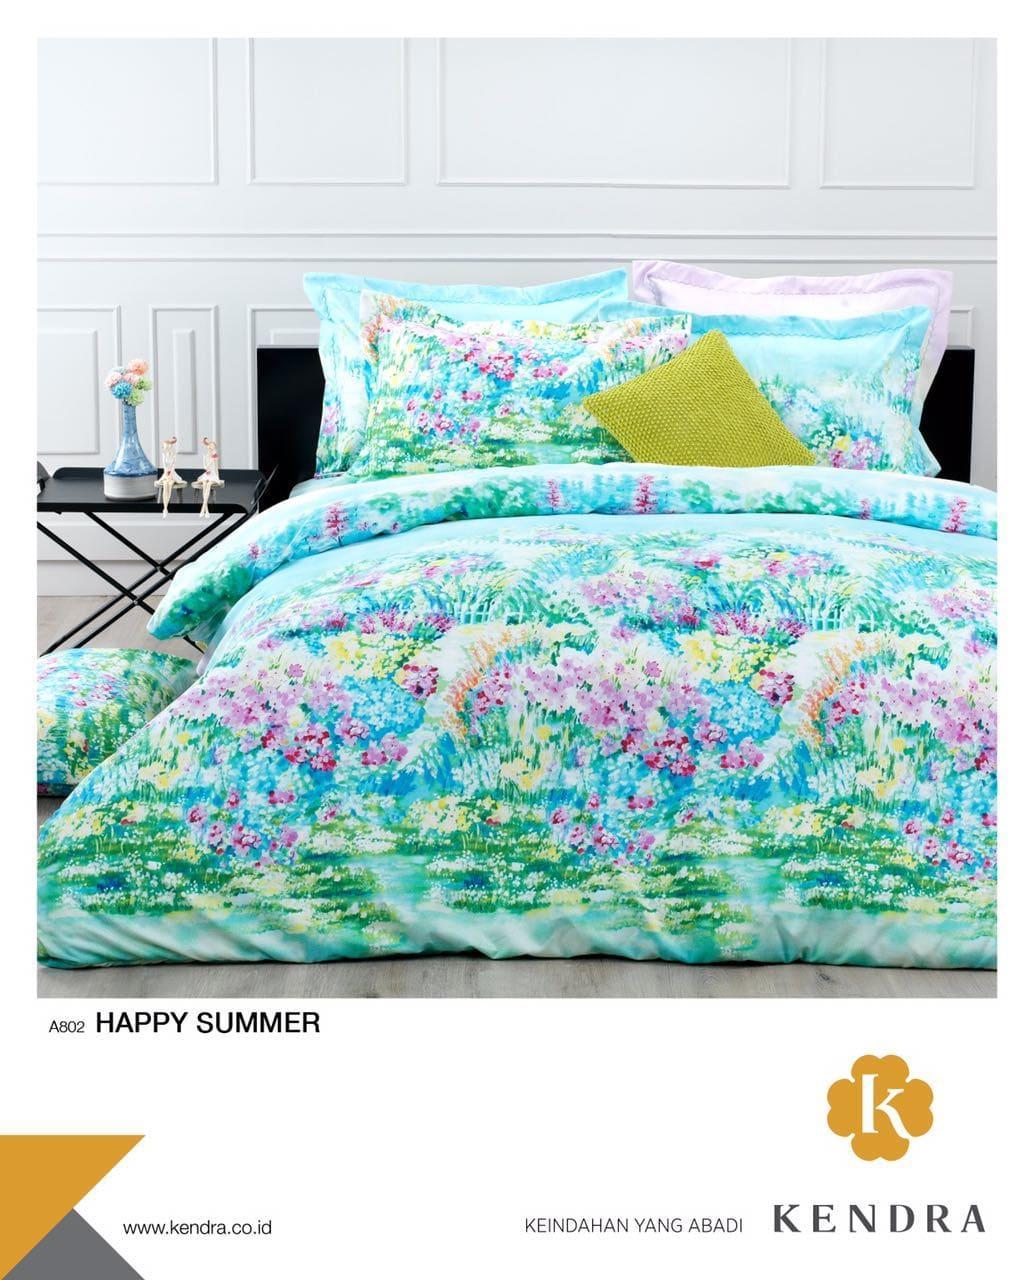 BEST SELLER!! Bedcover Kendra Modern 180 - Happy Summer ( tanpa sprei)seprai kintakun / seprai bonita / seprai my love / seprai polos / seprai murah / seprai rumbai / seprai california / seprai karakter